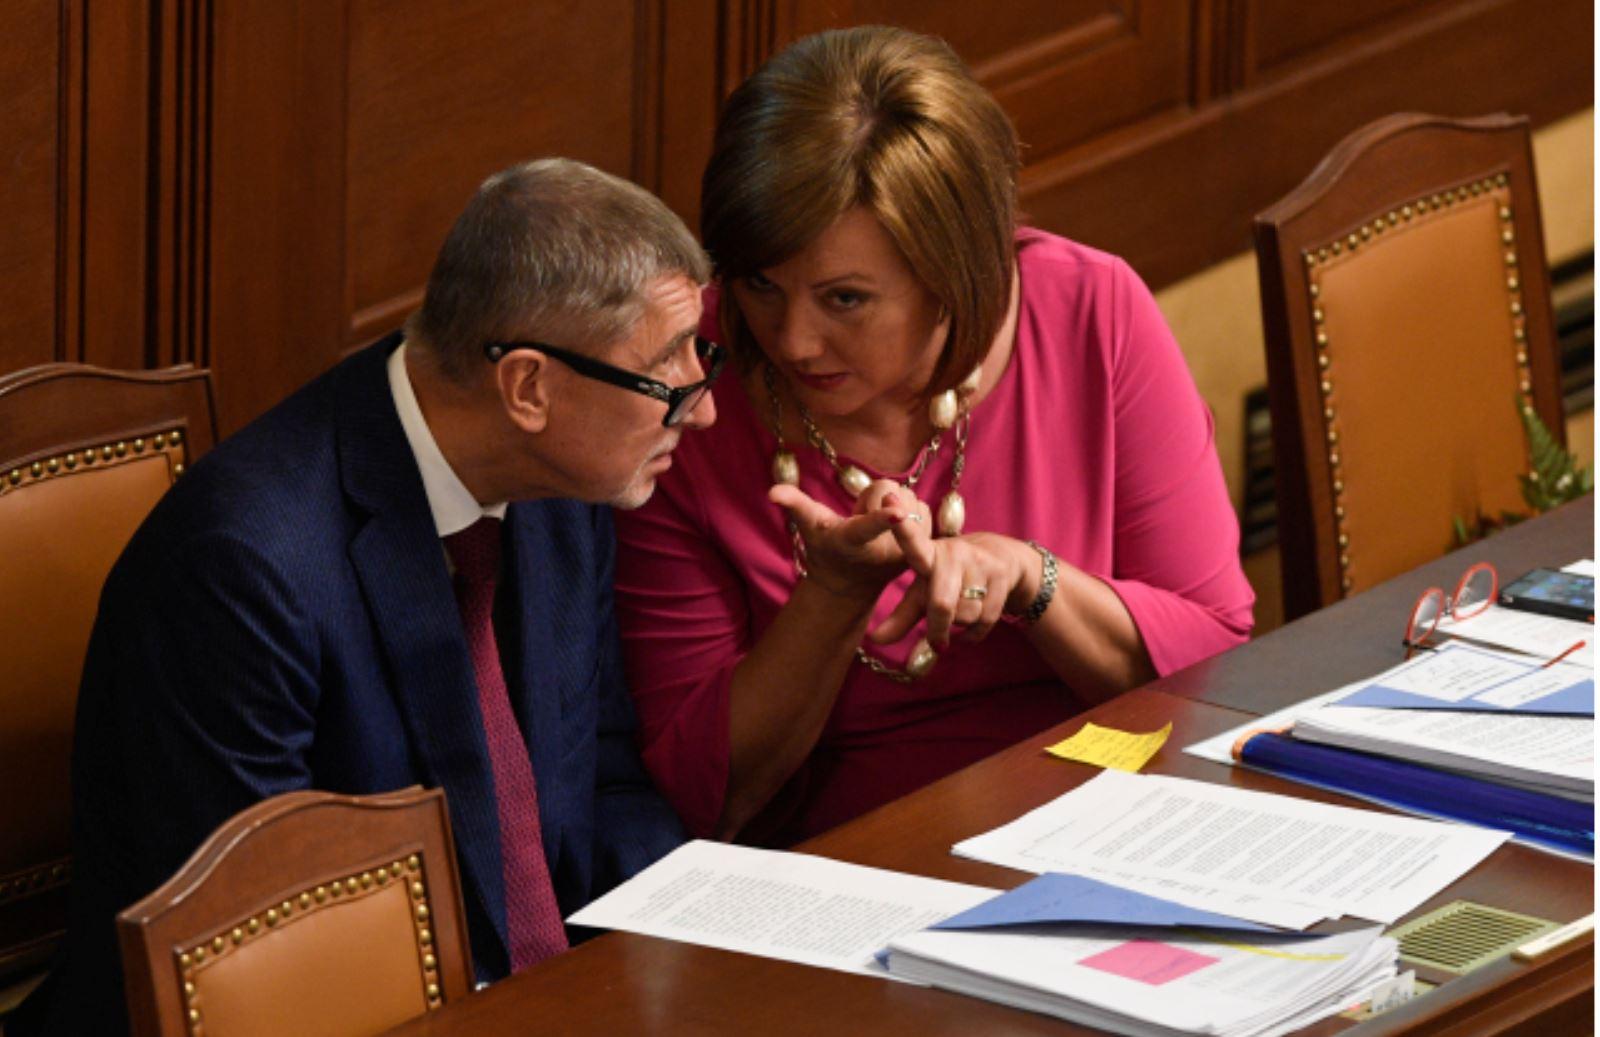 remiér Andrej Babiš (ANO) a ministryně financí Alena Schillerová v Poslanecké Sněmovně (10.9.2019) Zdroj: ČTK